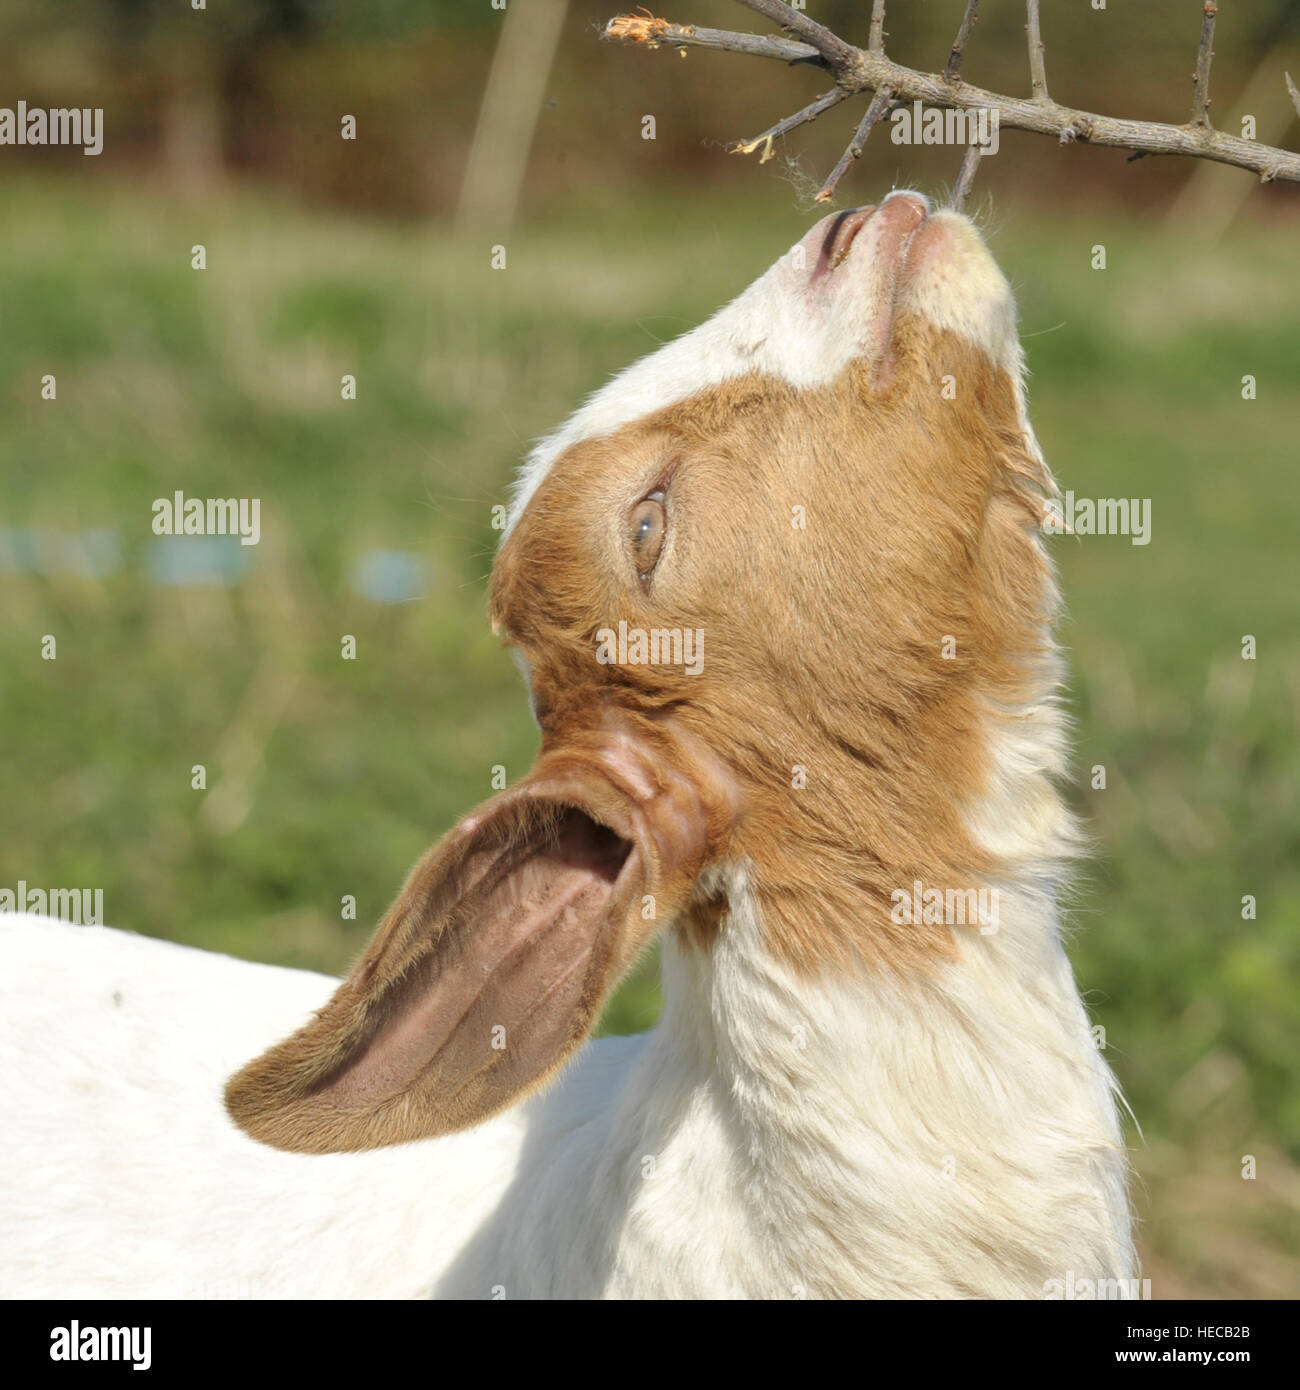 boer goat kid browsing - Stock Image